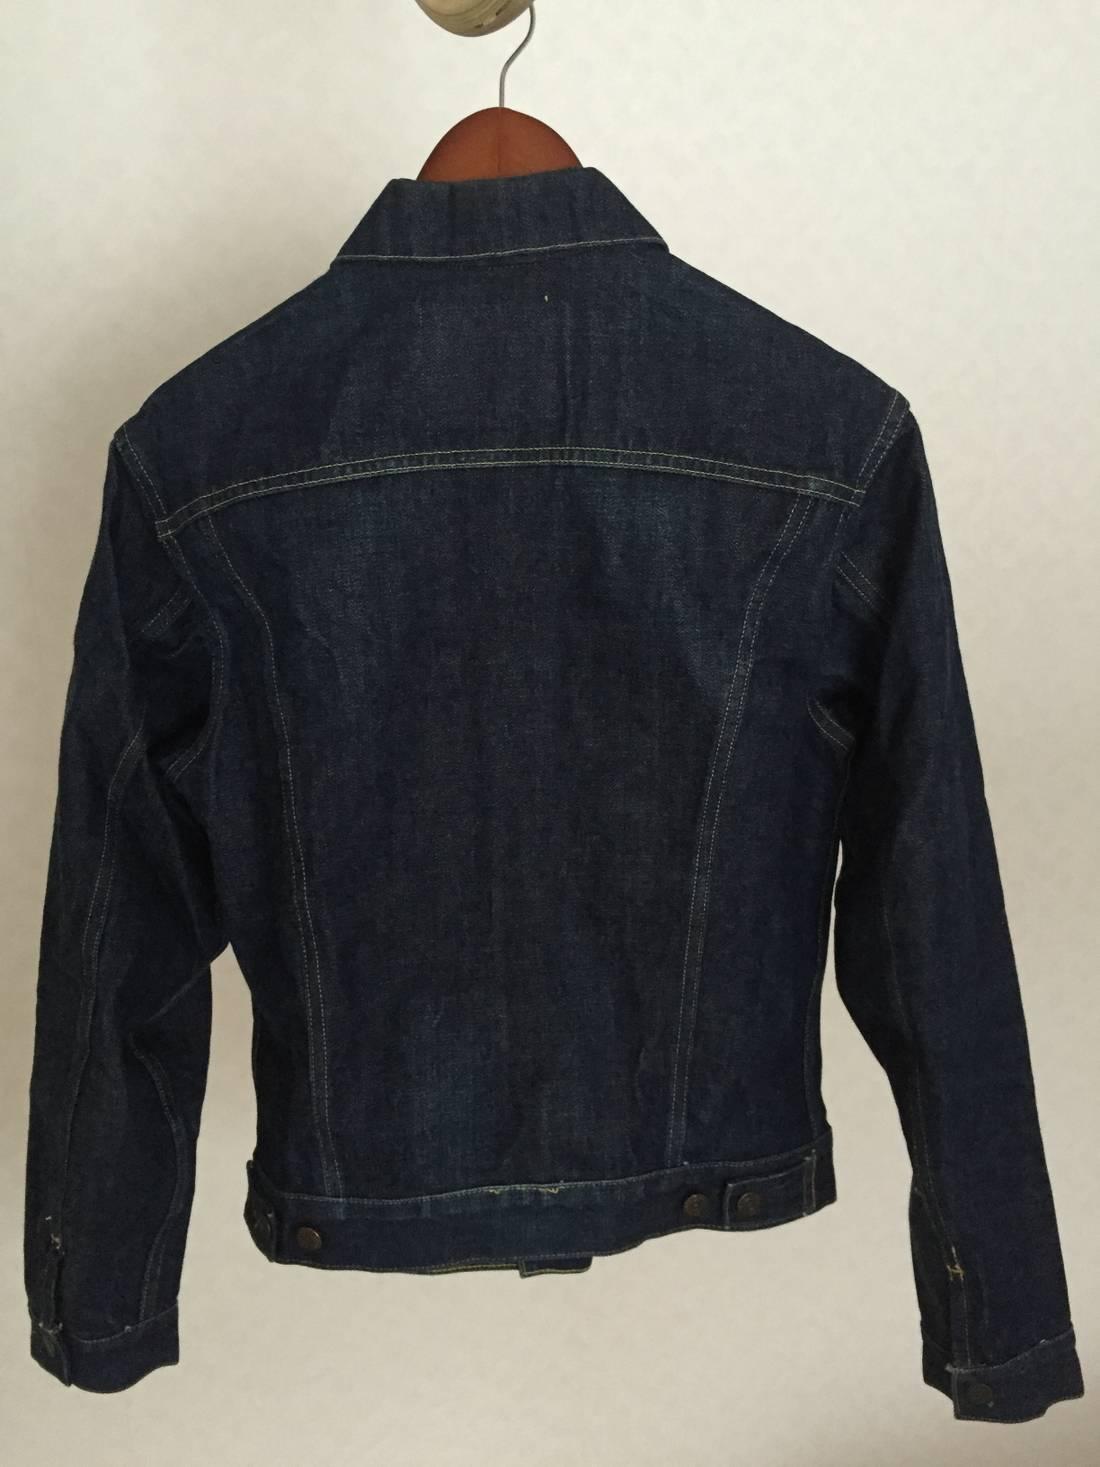 DENIME JAPAN Bomber Jacket Medium Vintage 90's Denime Jeans Single Breasted Trench Coat Warmest Jacket Parka Hoodie Olive Green Size M Dkz1rbevFC